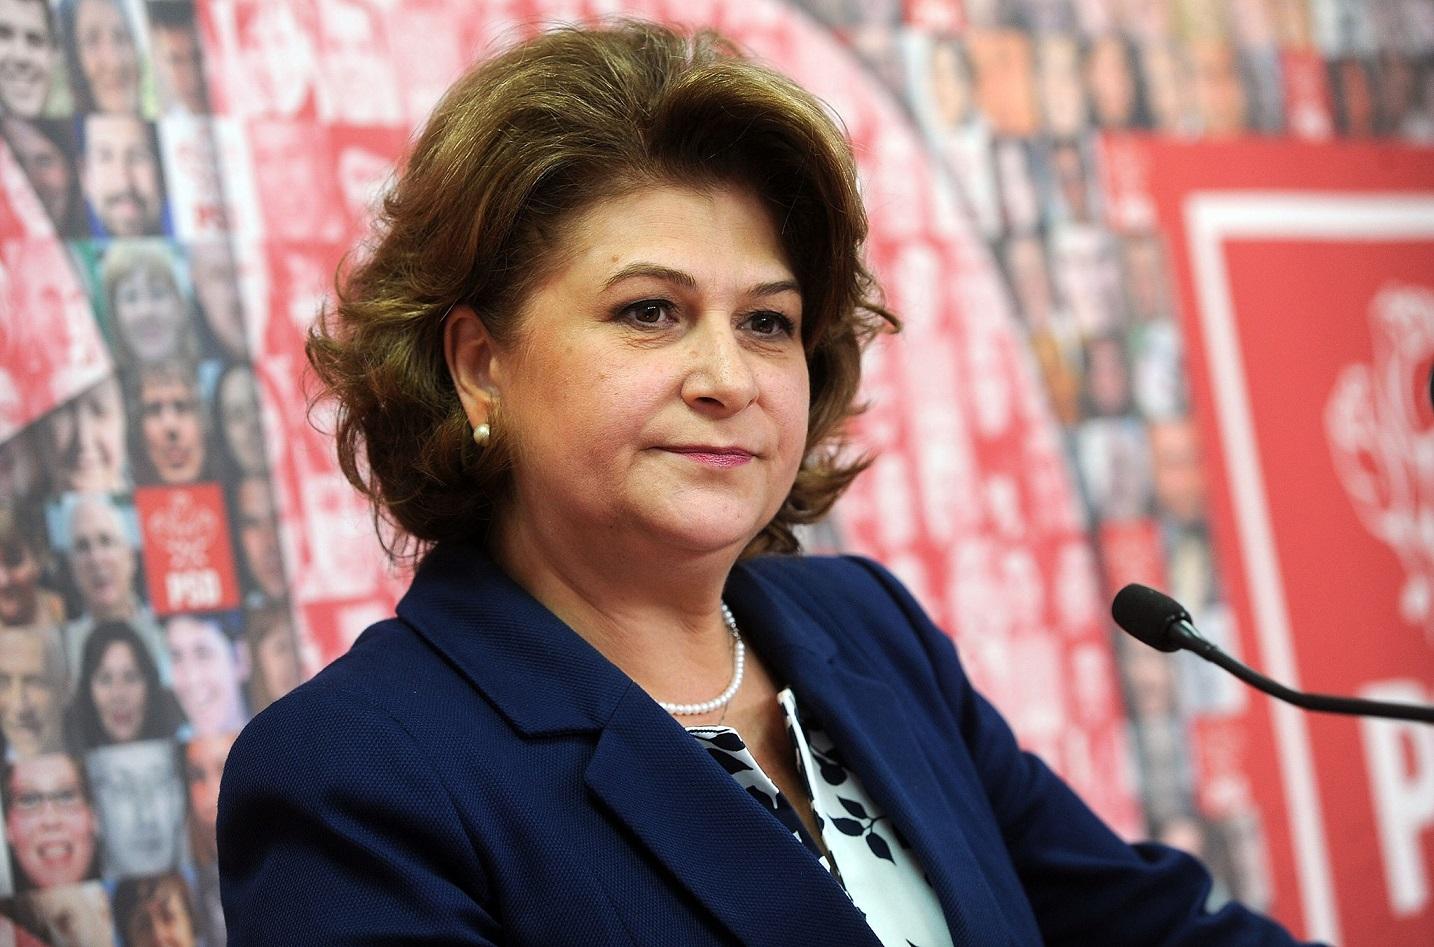 Komisija JURI odbacila dva kandidata za komisiju koje su predložile Rumunija i Mađarska